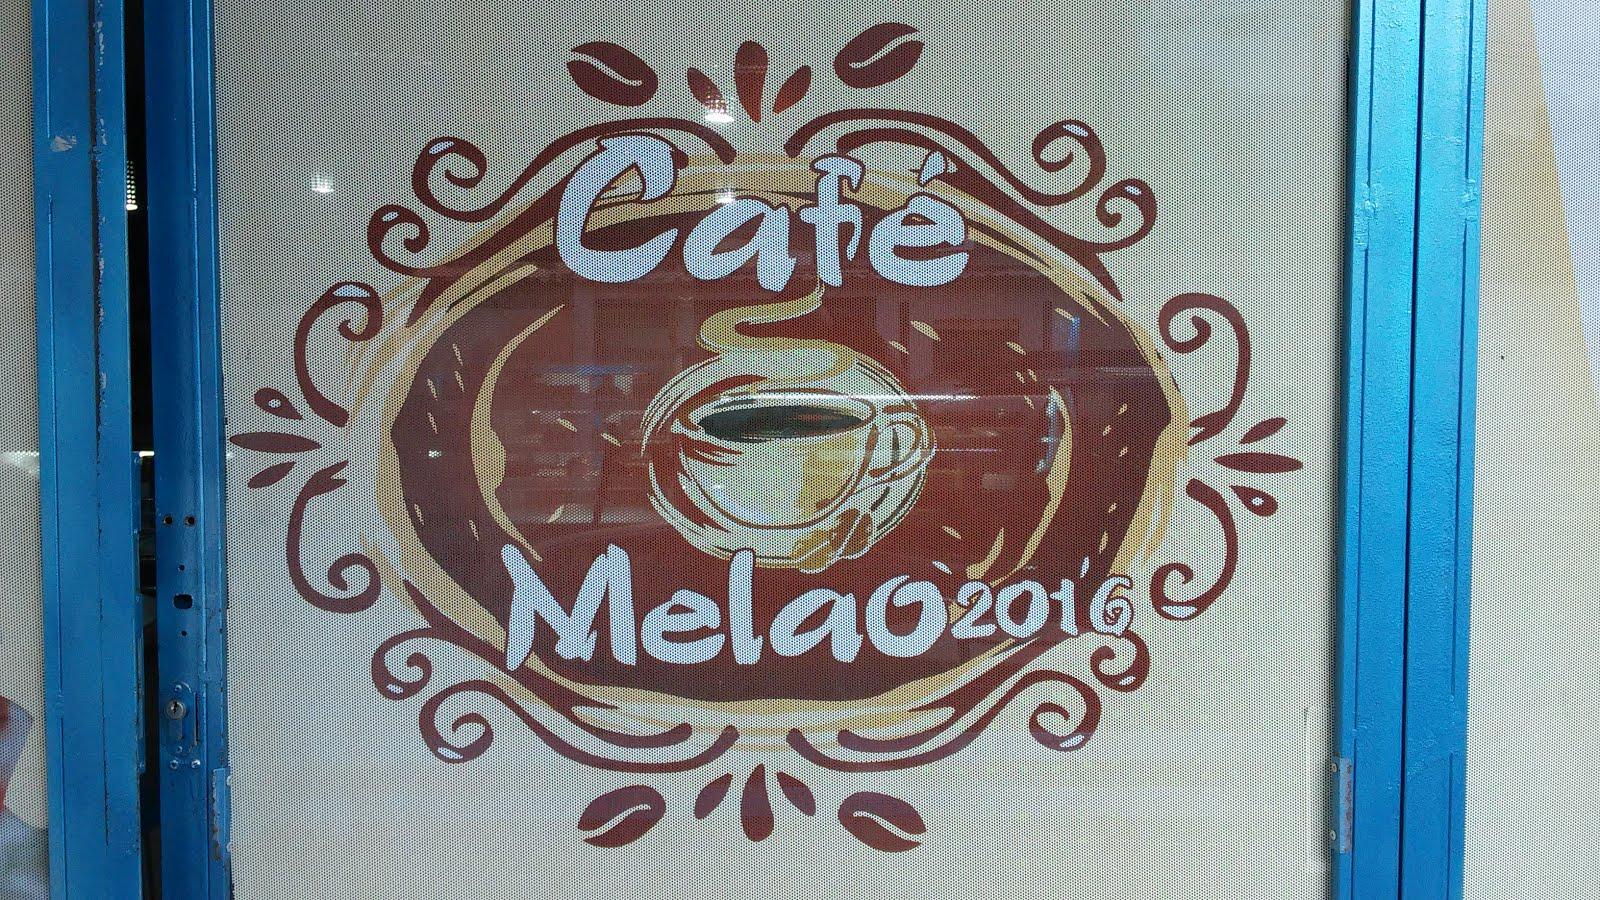 CAFE MELAO 2016